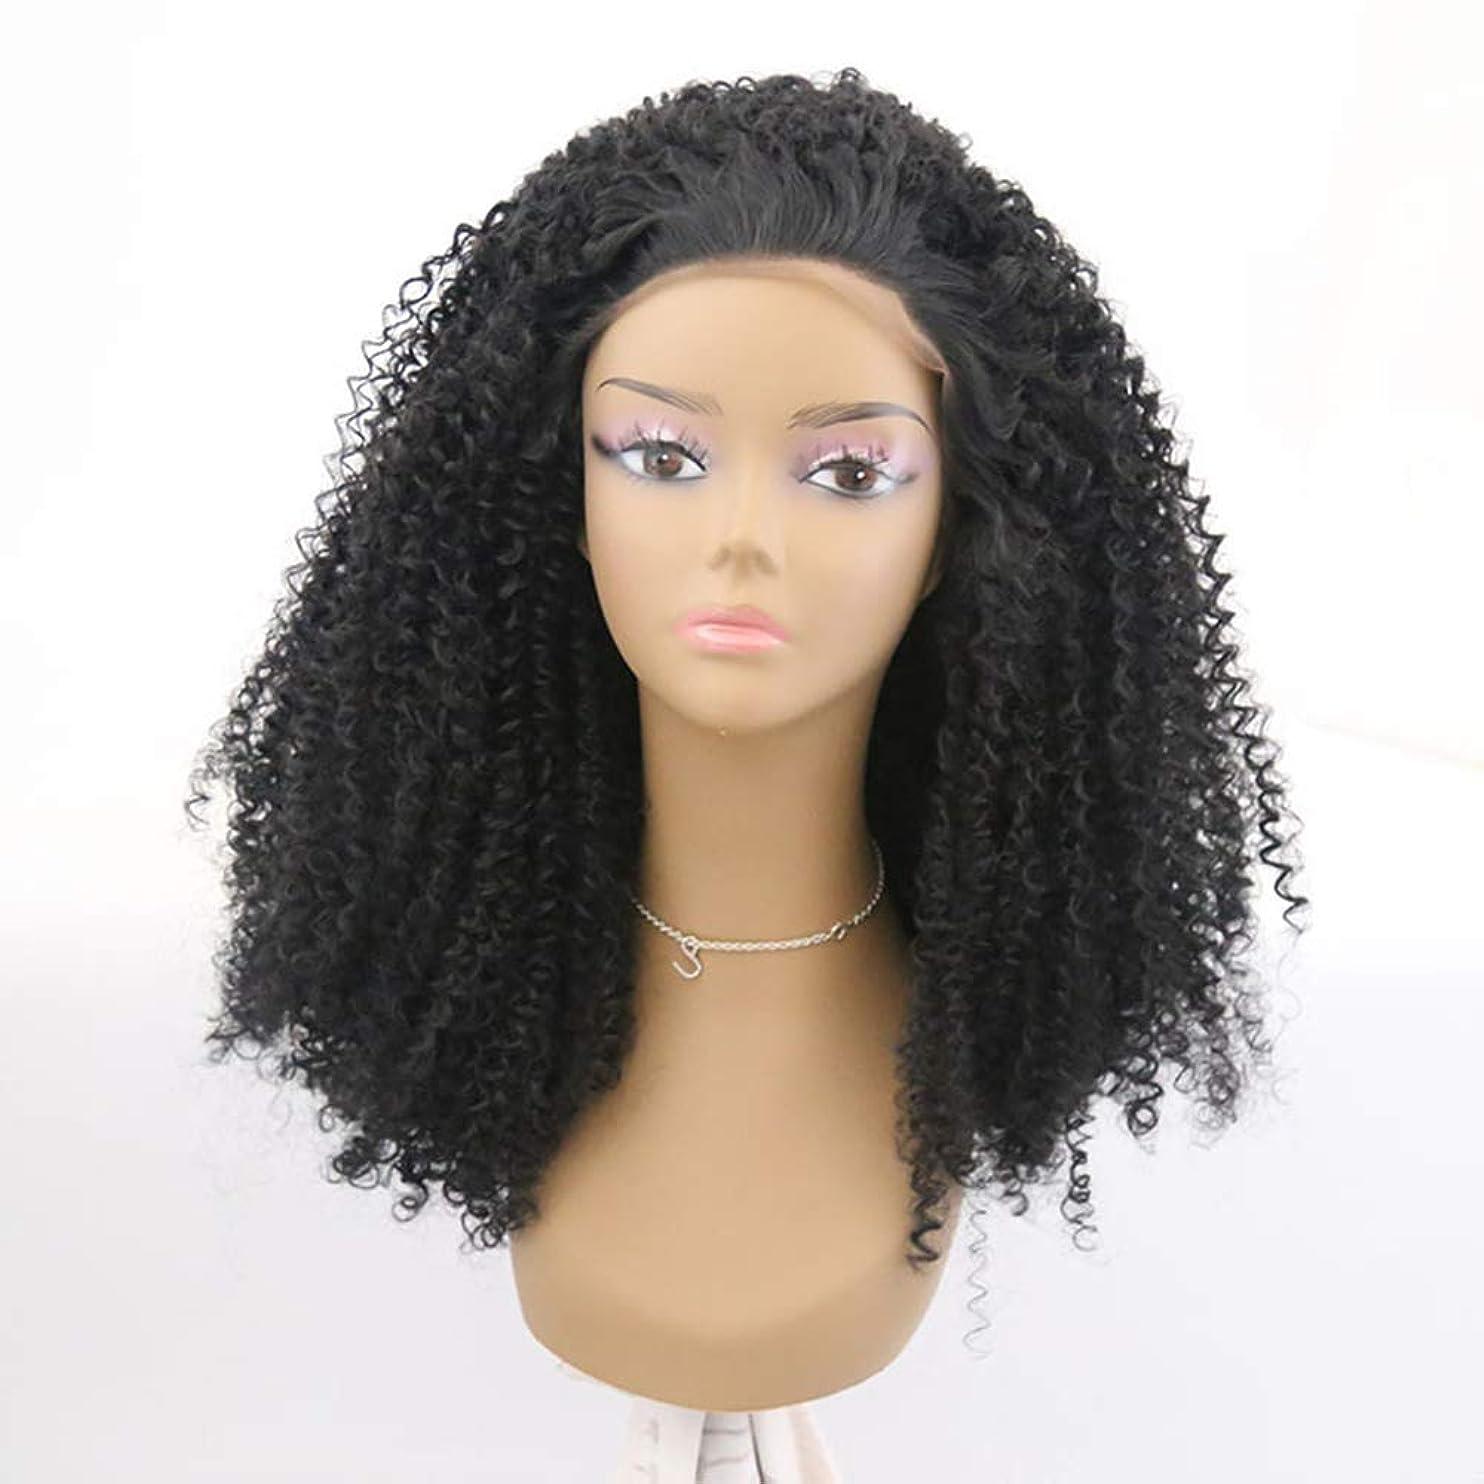 夫たくさんショッキング女性かつらブラジルの人間の髪の毛短い巻き毛の部分レースフロントかつら赤ん坊の髪の漂白された結び目プレプレックヘアライン180%密度黒